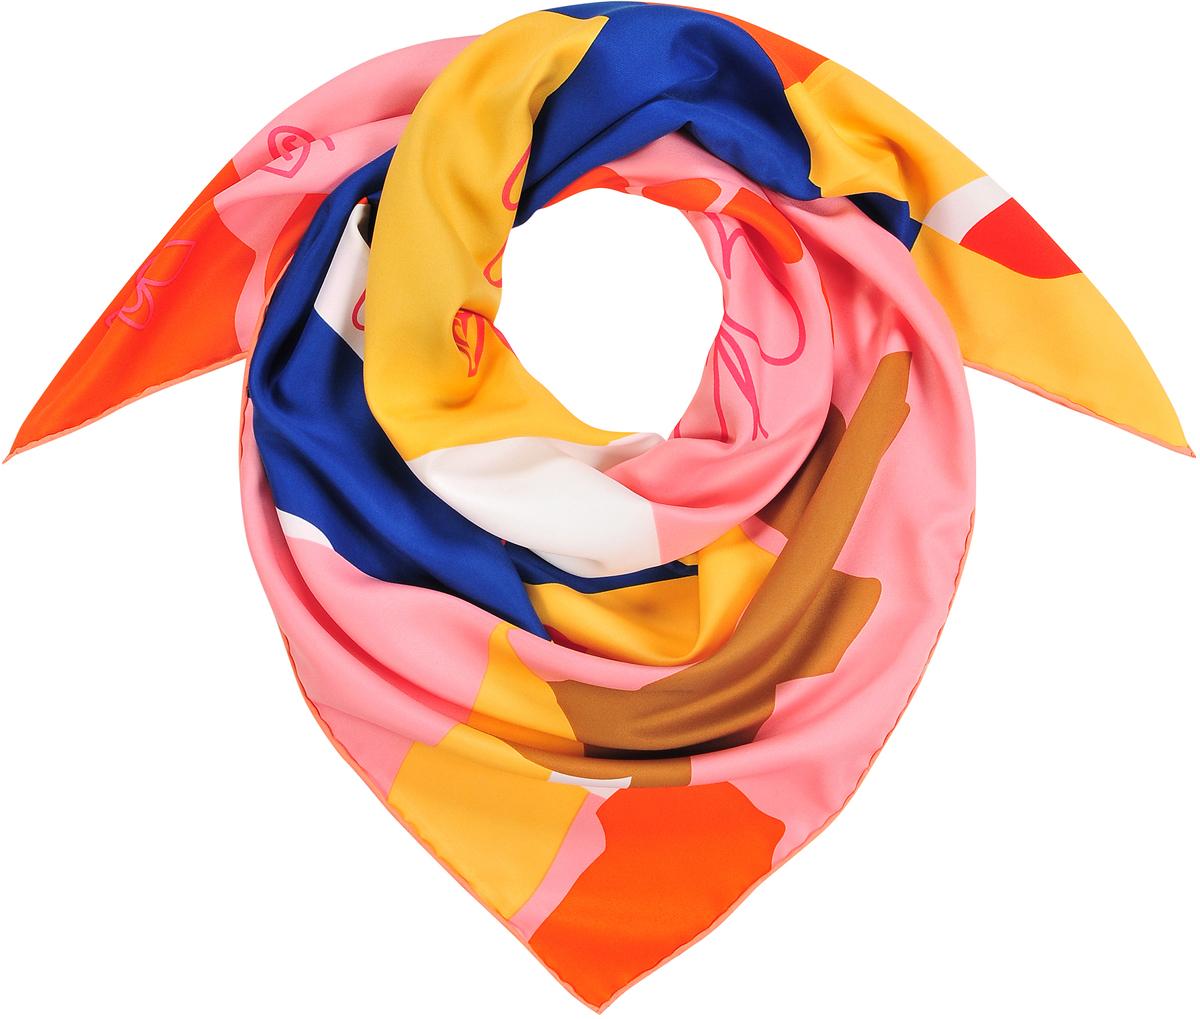 Платок23/0542/600Модный платок-каре из натурального шелка с ярким абстрактным принтом и контурными бабочками. Ручная обработка края. Легкий и приятный к телу. Состав: 100% шелк. Размер 90*90 см.